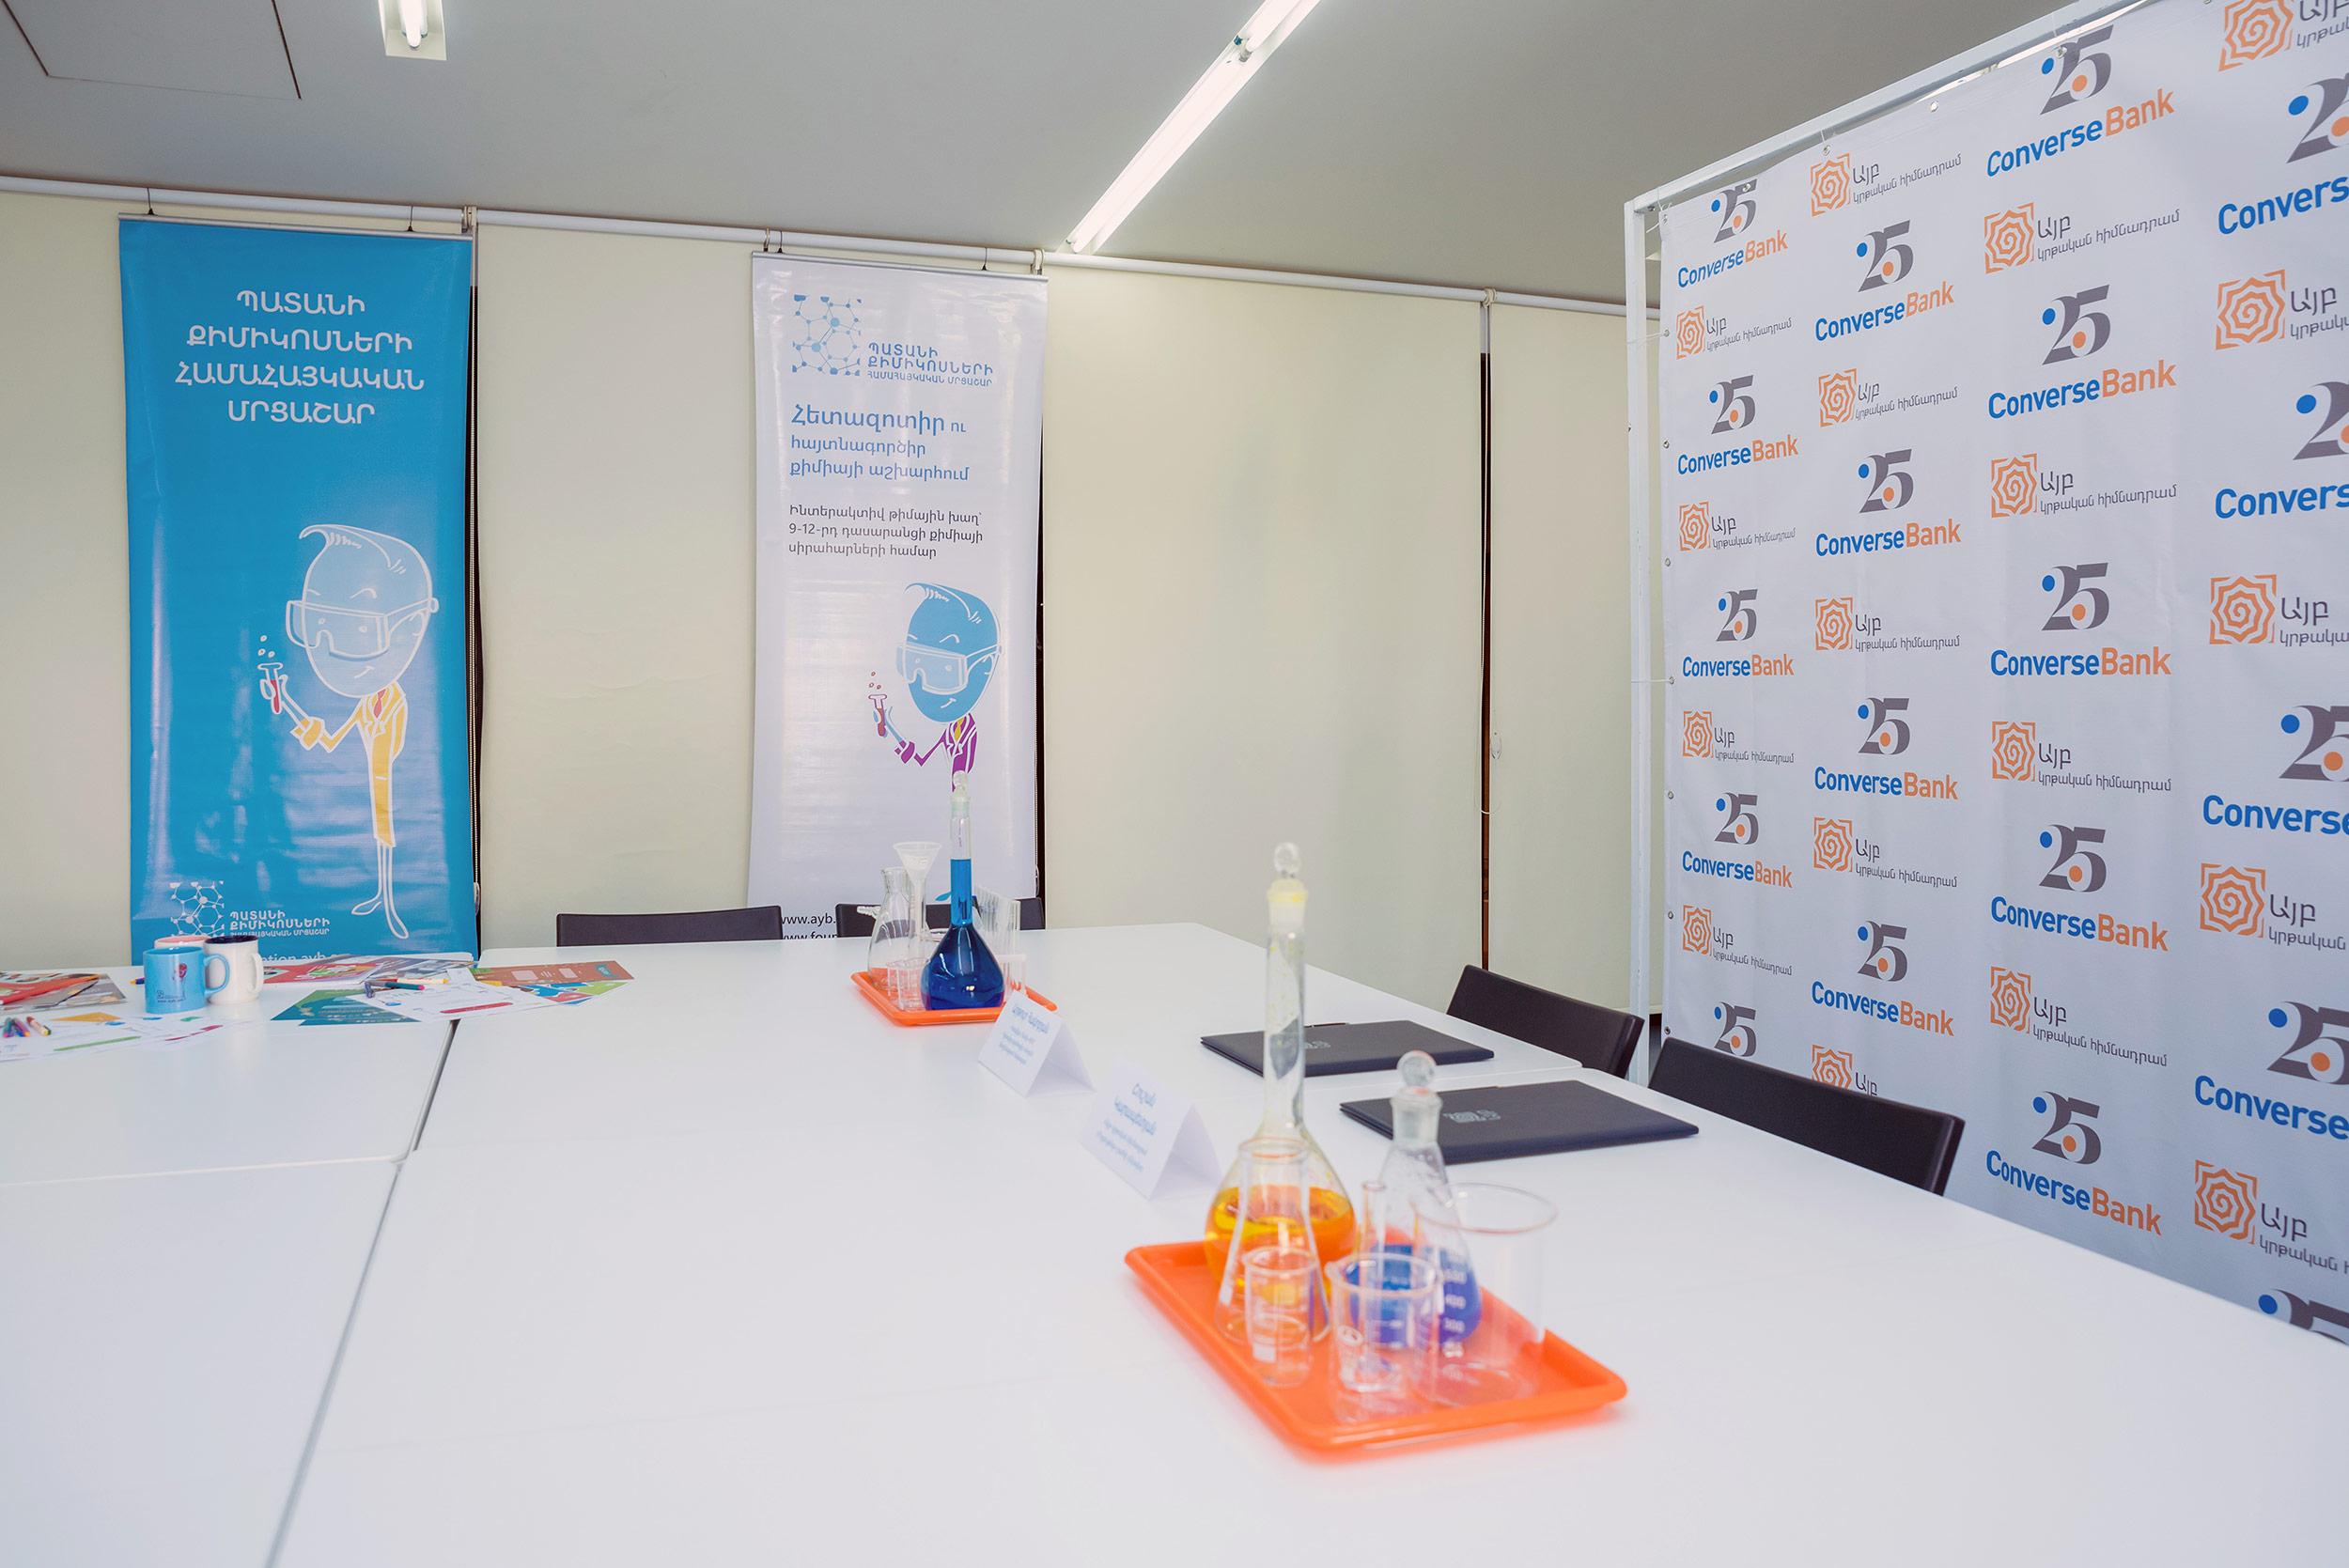 Կոնվերս Բանկ. կանցկացվի Պատանի քիմիկոսների համահայկական մրցաշարը